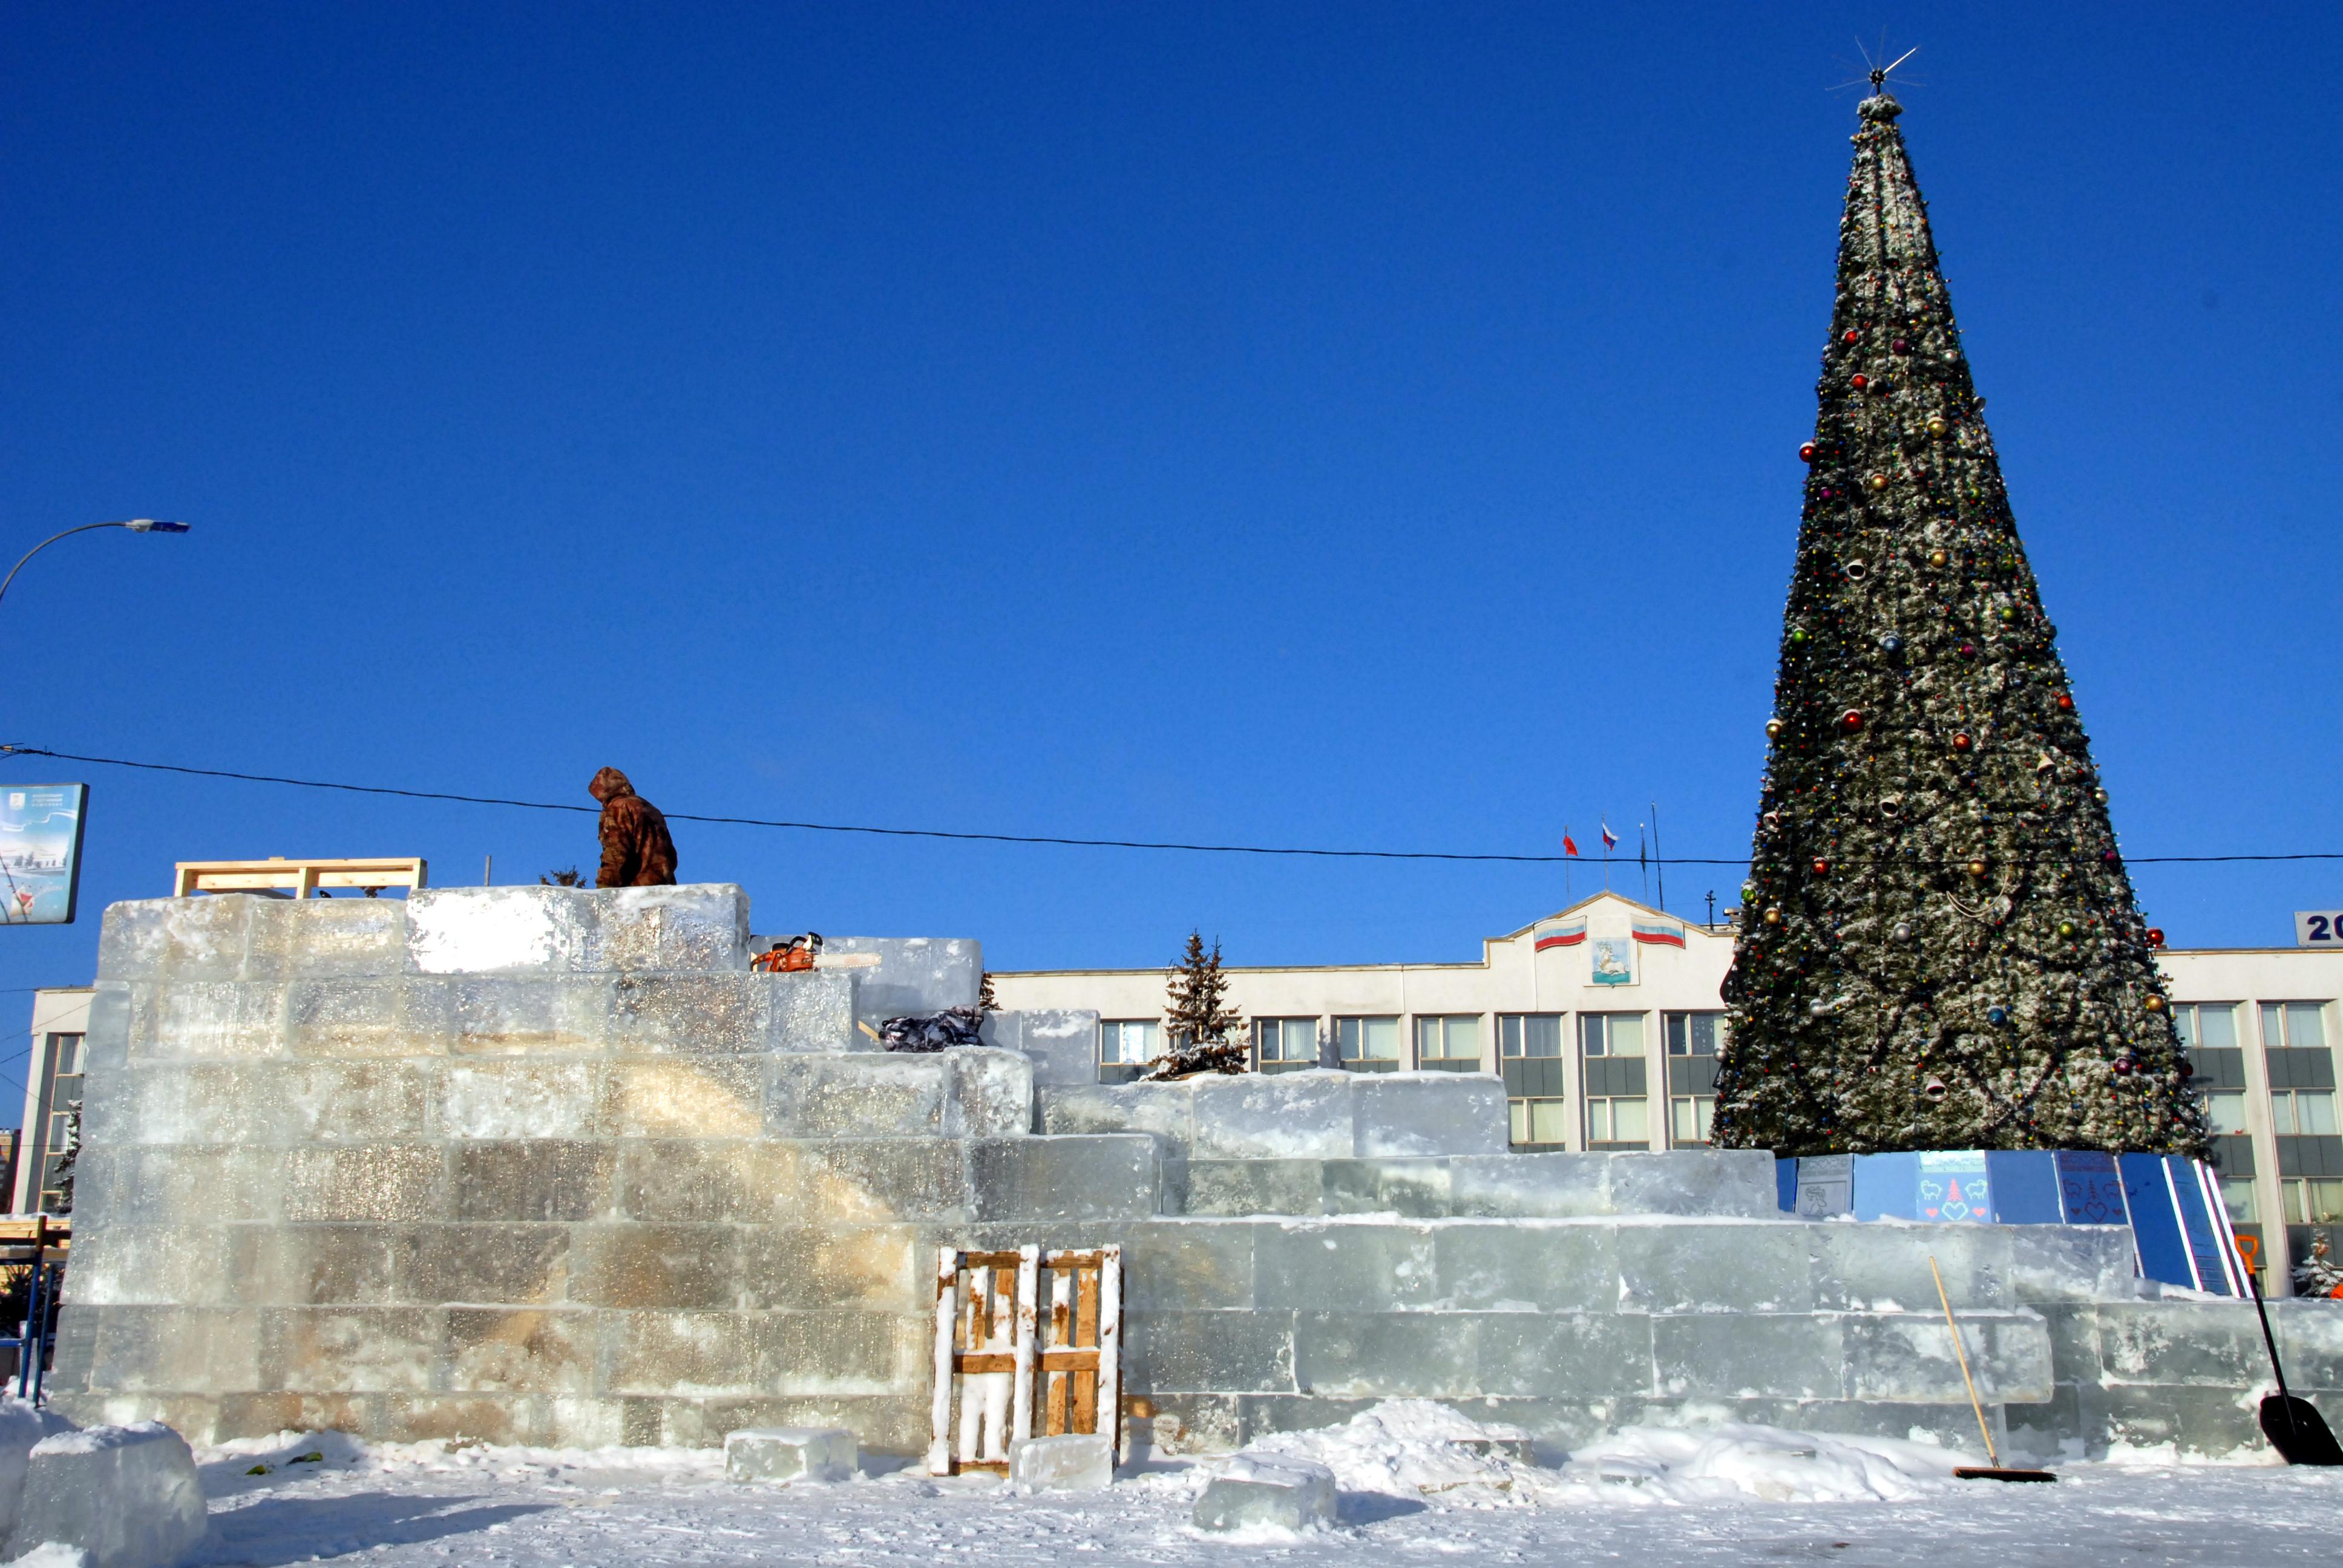 Строительство ледяной горки в Одинцово